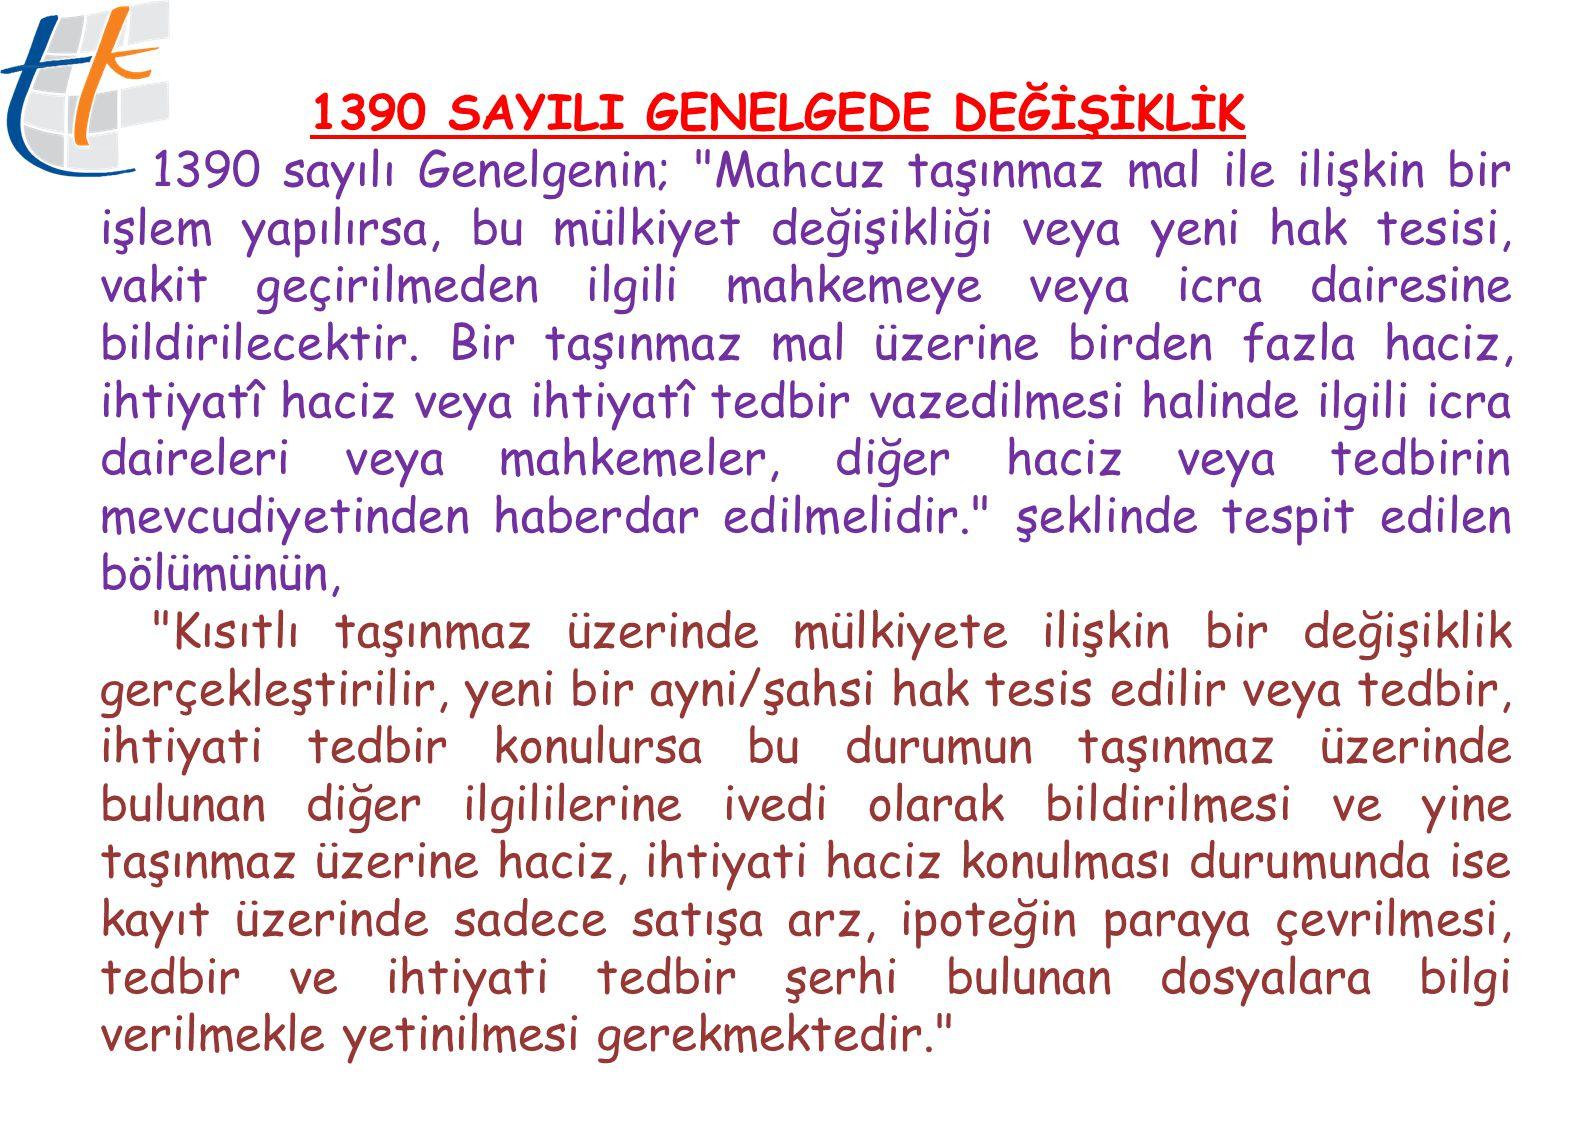 1390 SAYILI GENELGEDE DEĞİŞİKLİK